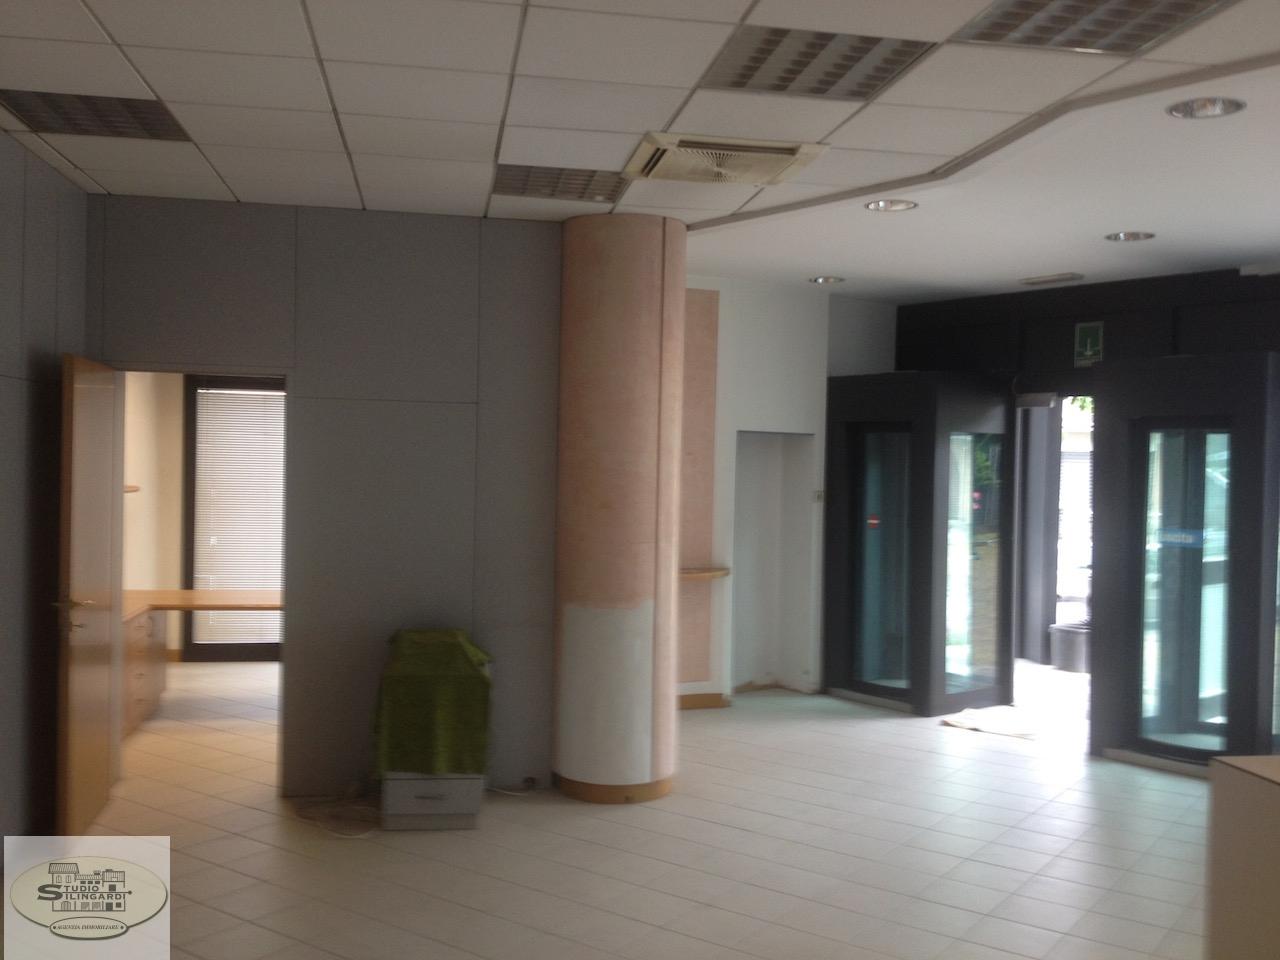 Negozio / Locale in affitto a Formigine, 9999 locali, zona Località: Formigine, prezzo € 1.200 | CambioCasa.it